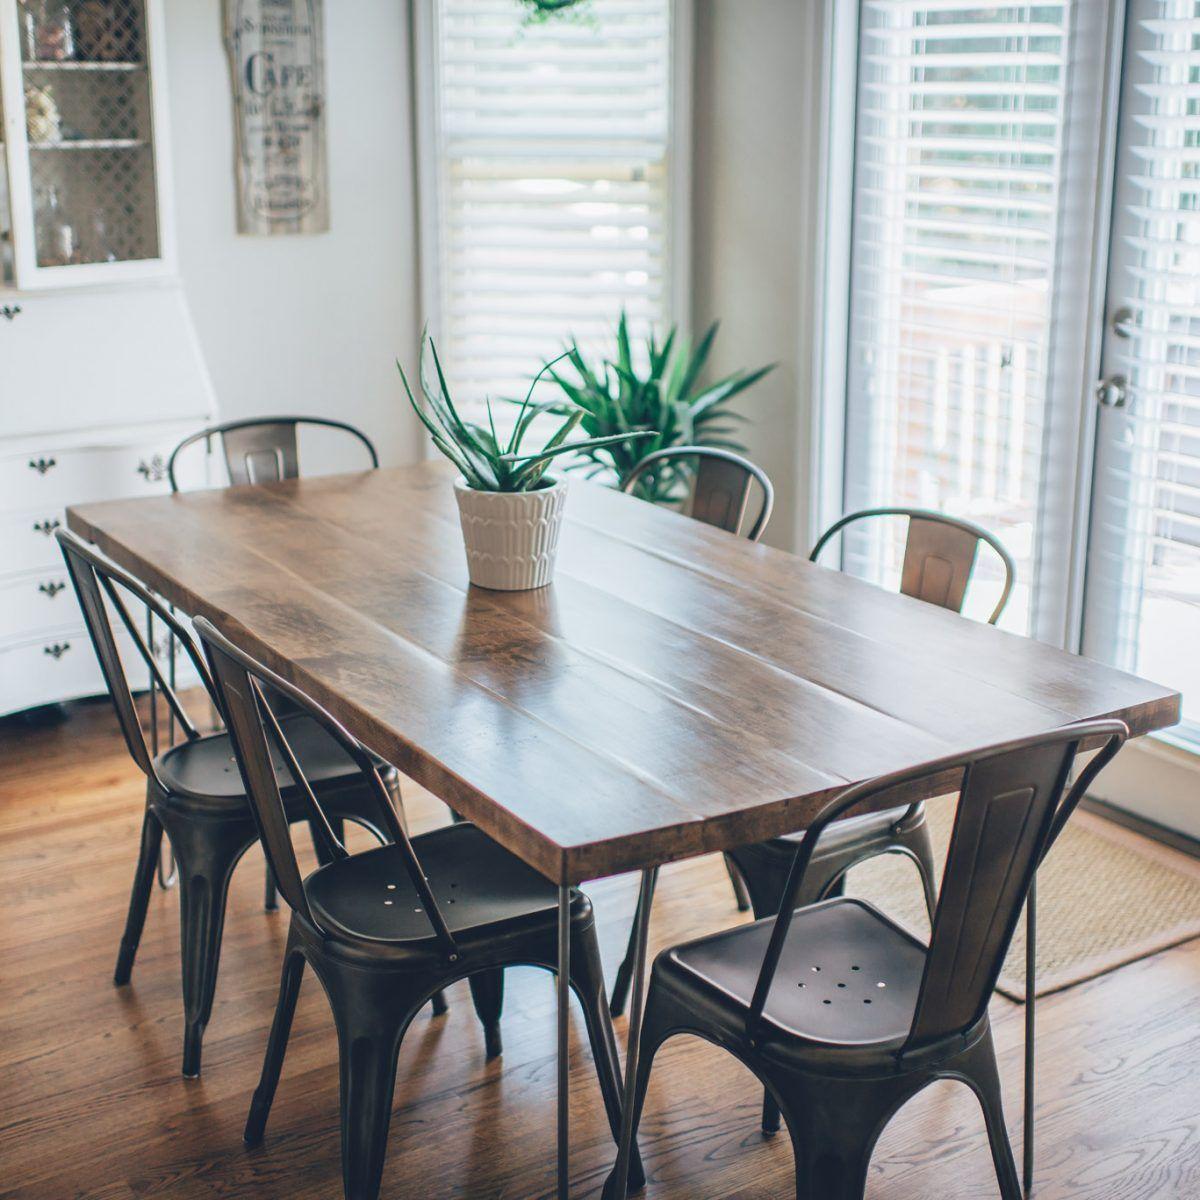 Hairpin Leg Kitchen Table Diy Diy Dining Room Table Diy Kitchen Table Kitchen Table Wood